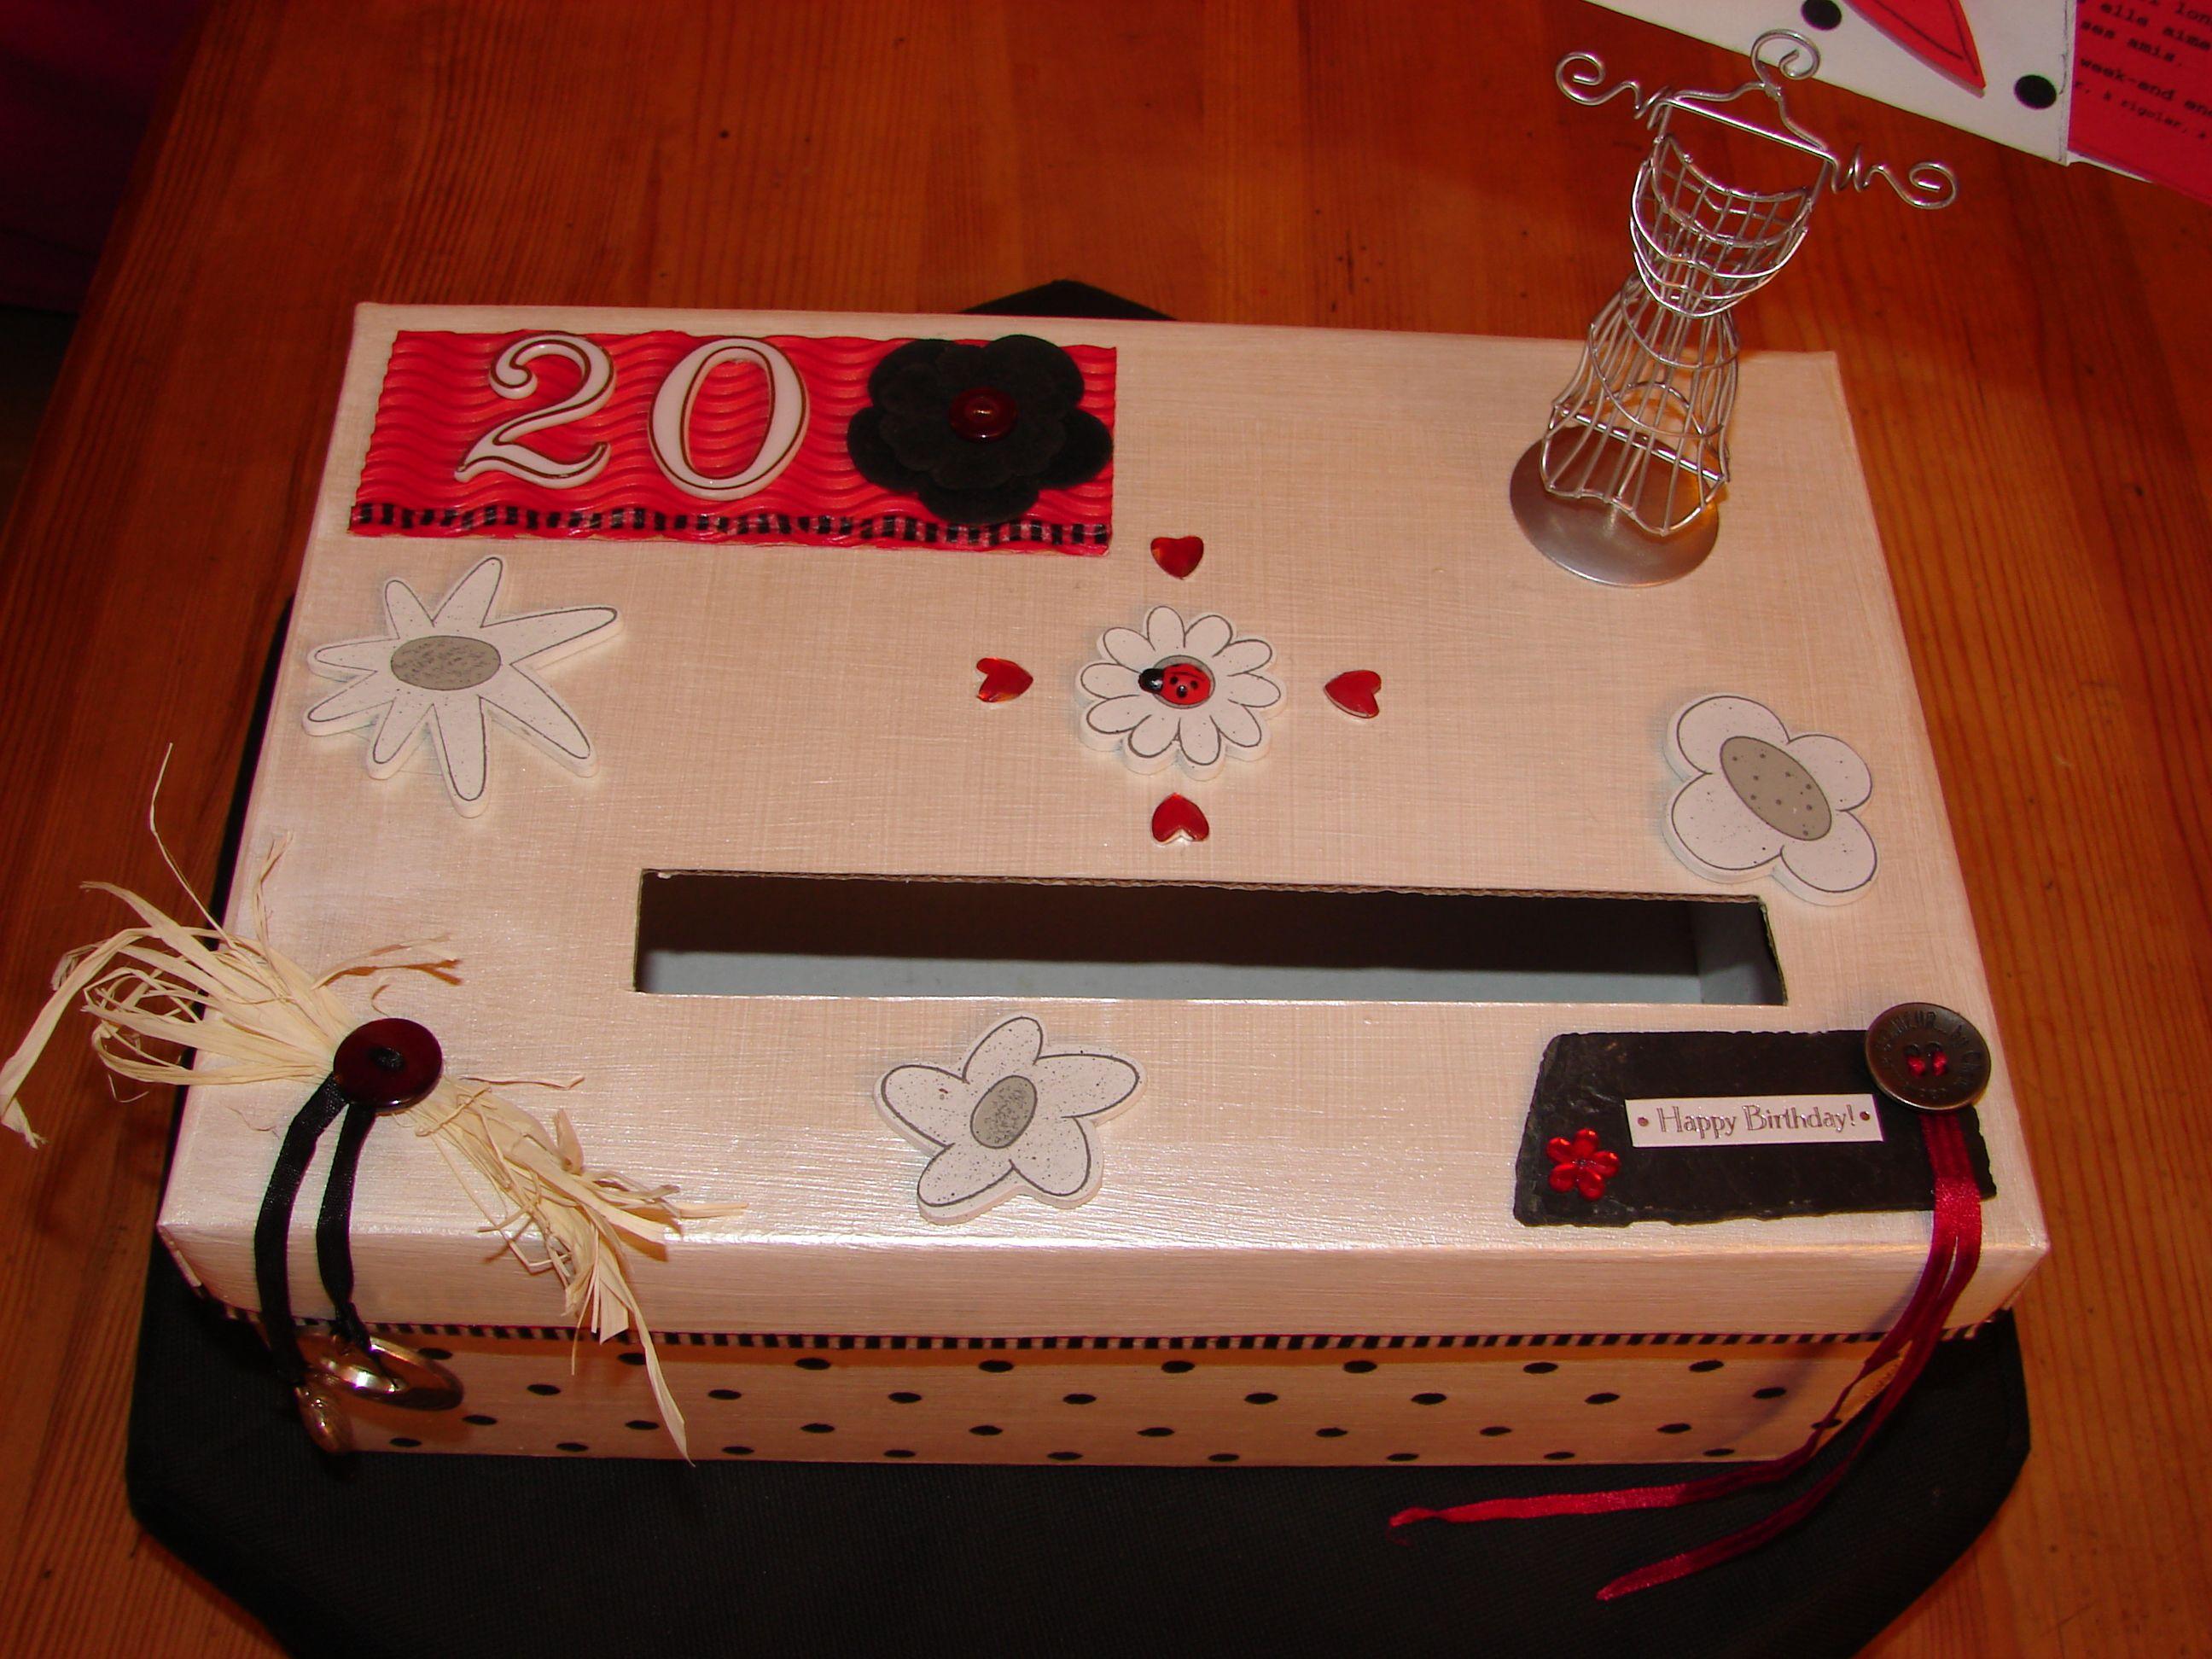 urne anniversaire 20 ans f mes petites r cr ations pinterest urne anniversaire urne et. Black Bedroom Furniture Sets. Home Design Ideas